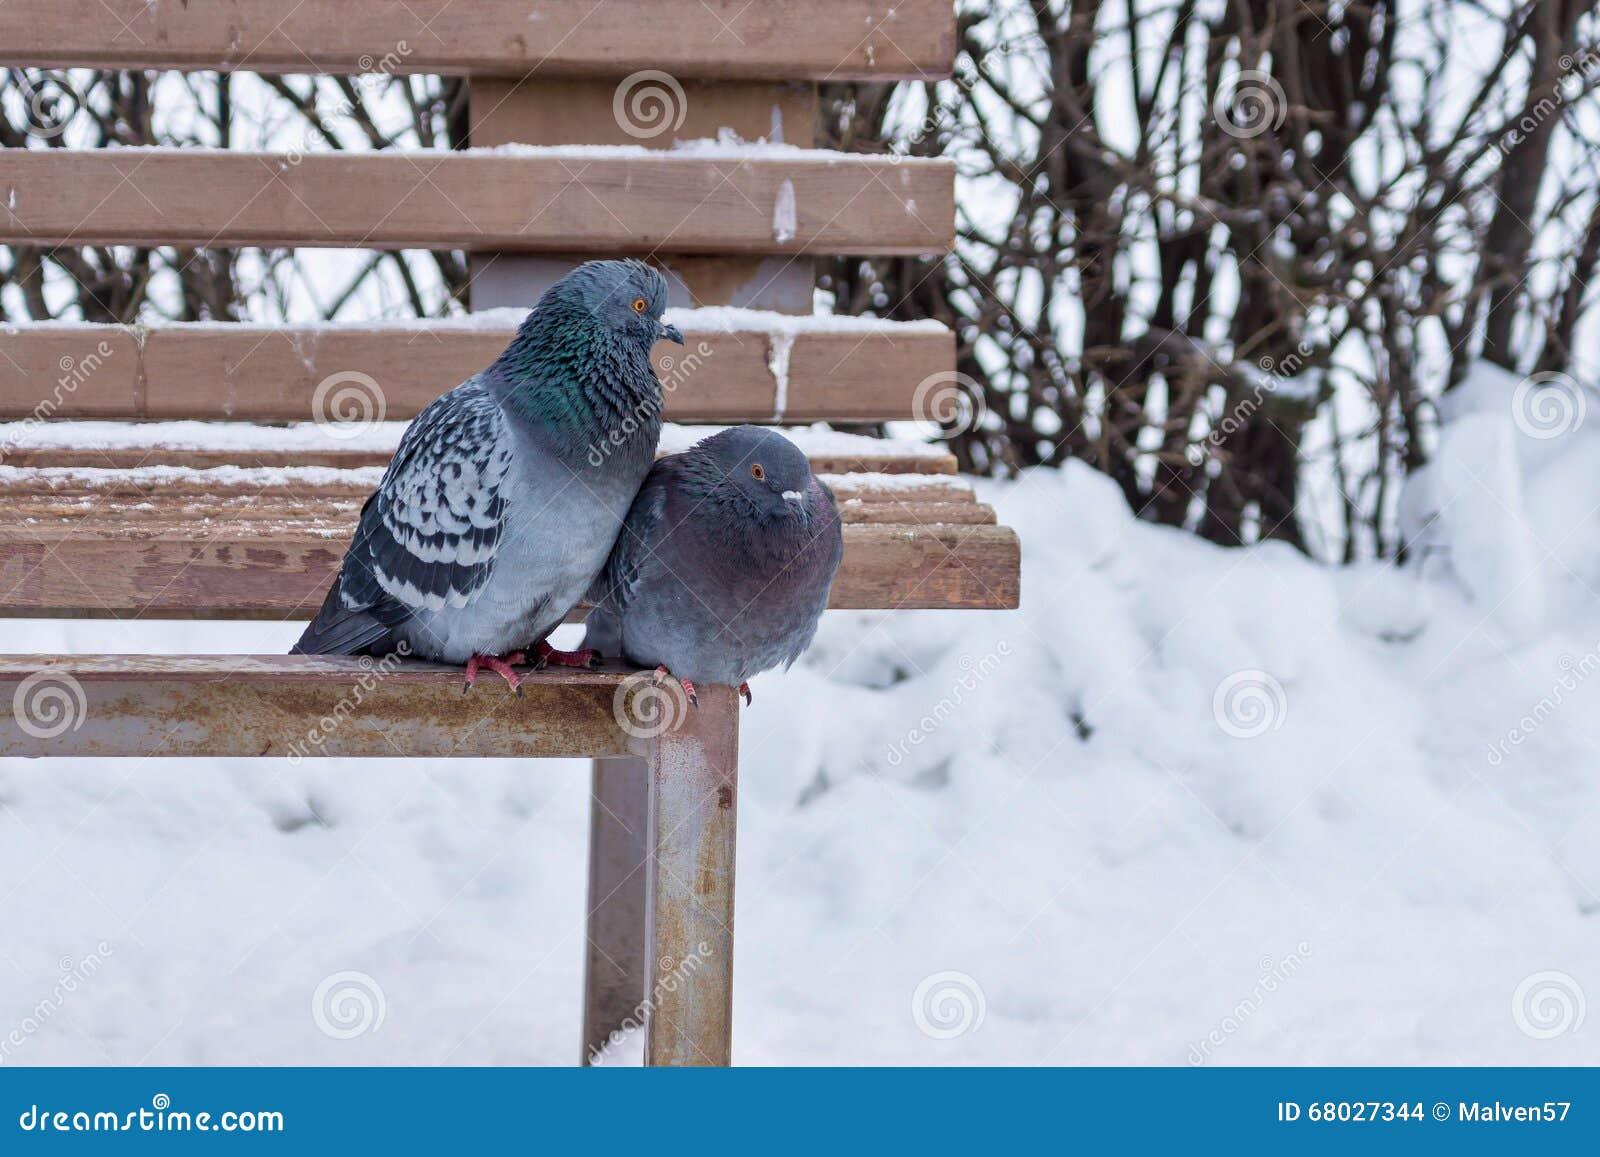 zwei tauben sitzen auf einer holzbank im winterpark. Black Bedroom Furniture Sets. Home Design Ideas